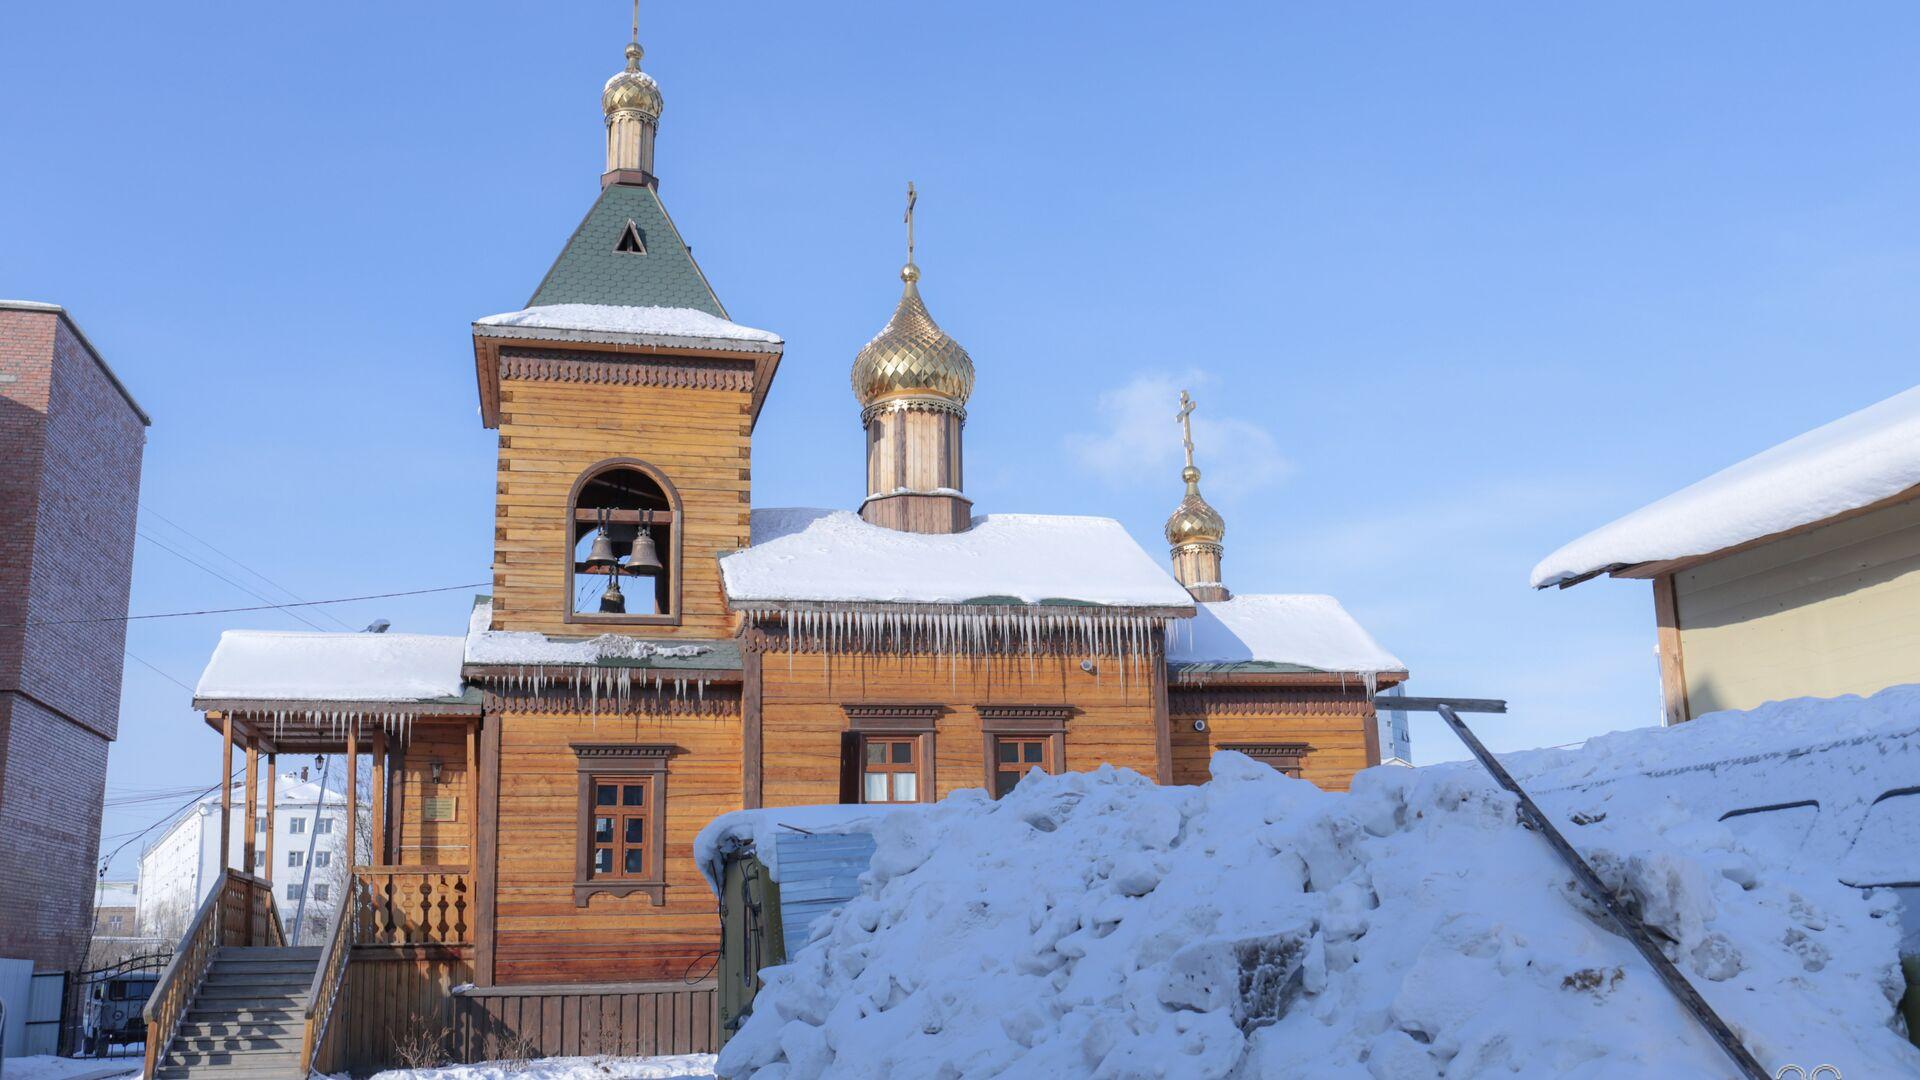 Спасский монастырь, республика Якутия - РИА Новости, 1920, 23.03.2018